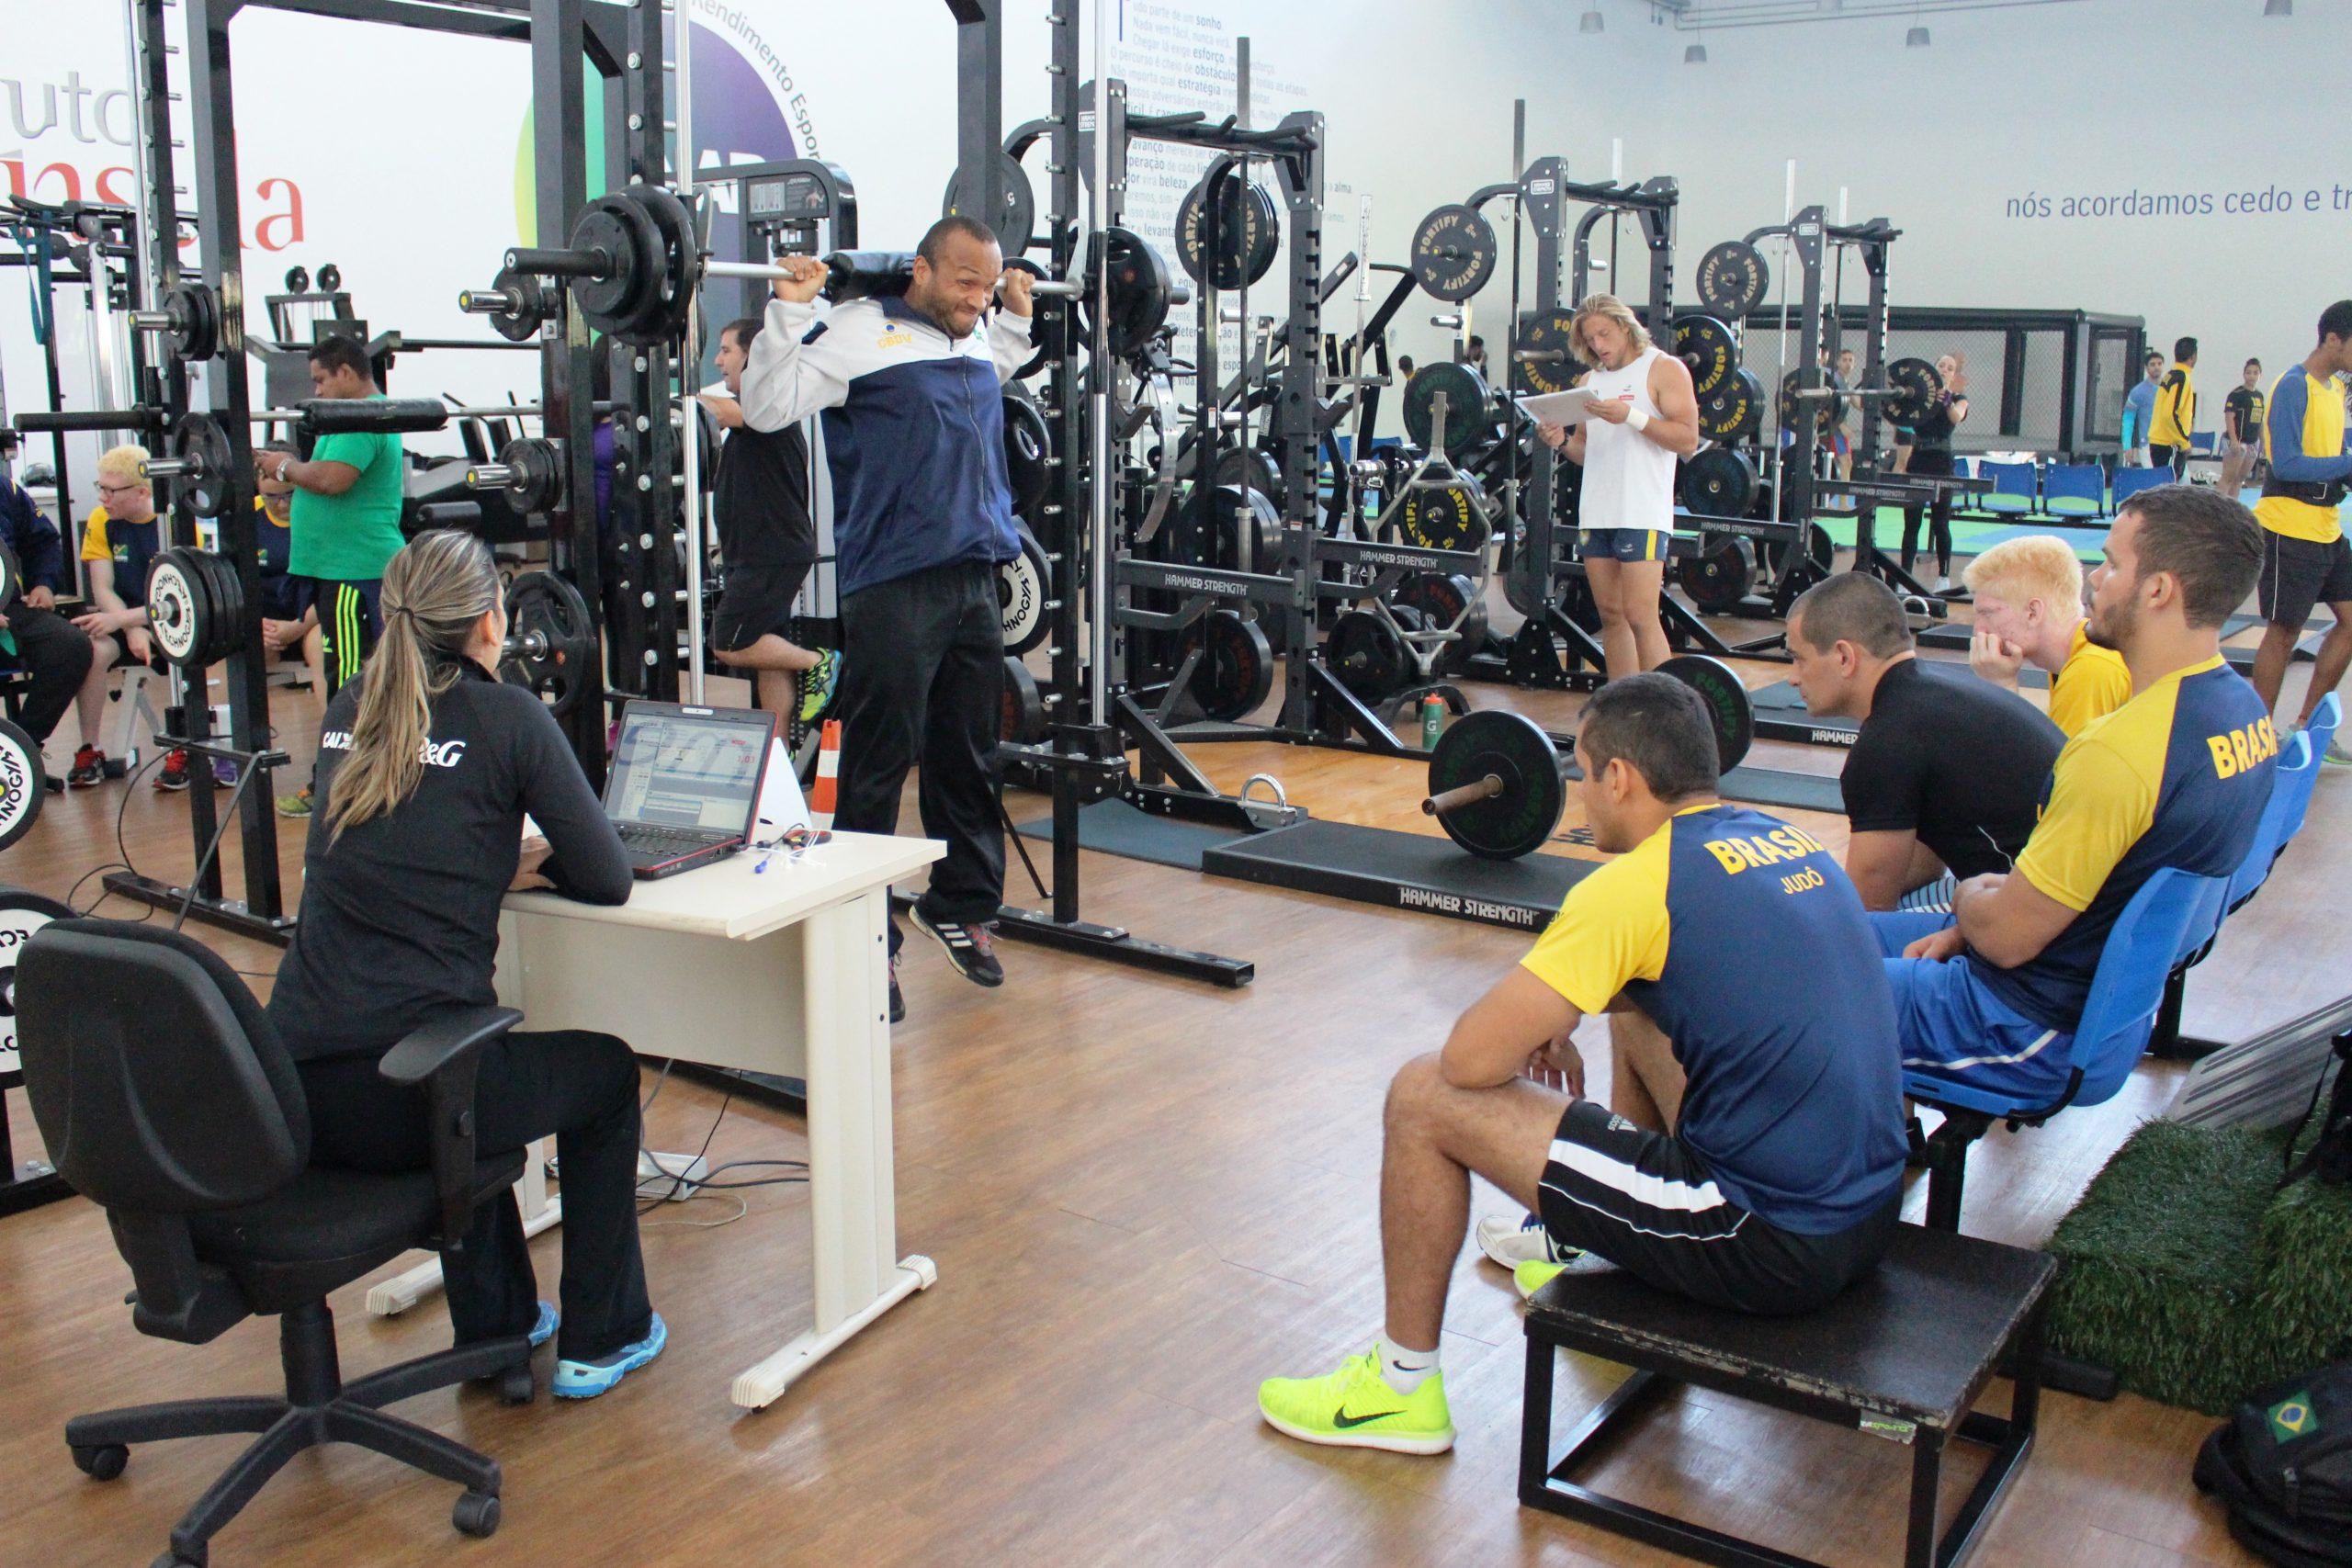 Com medalhistas do Rio-2016, seleção de judô paralímpico se prepara para Parapan